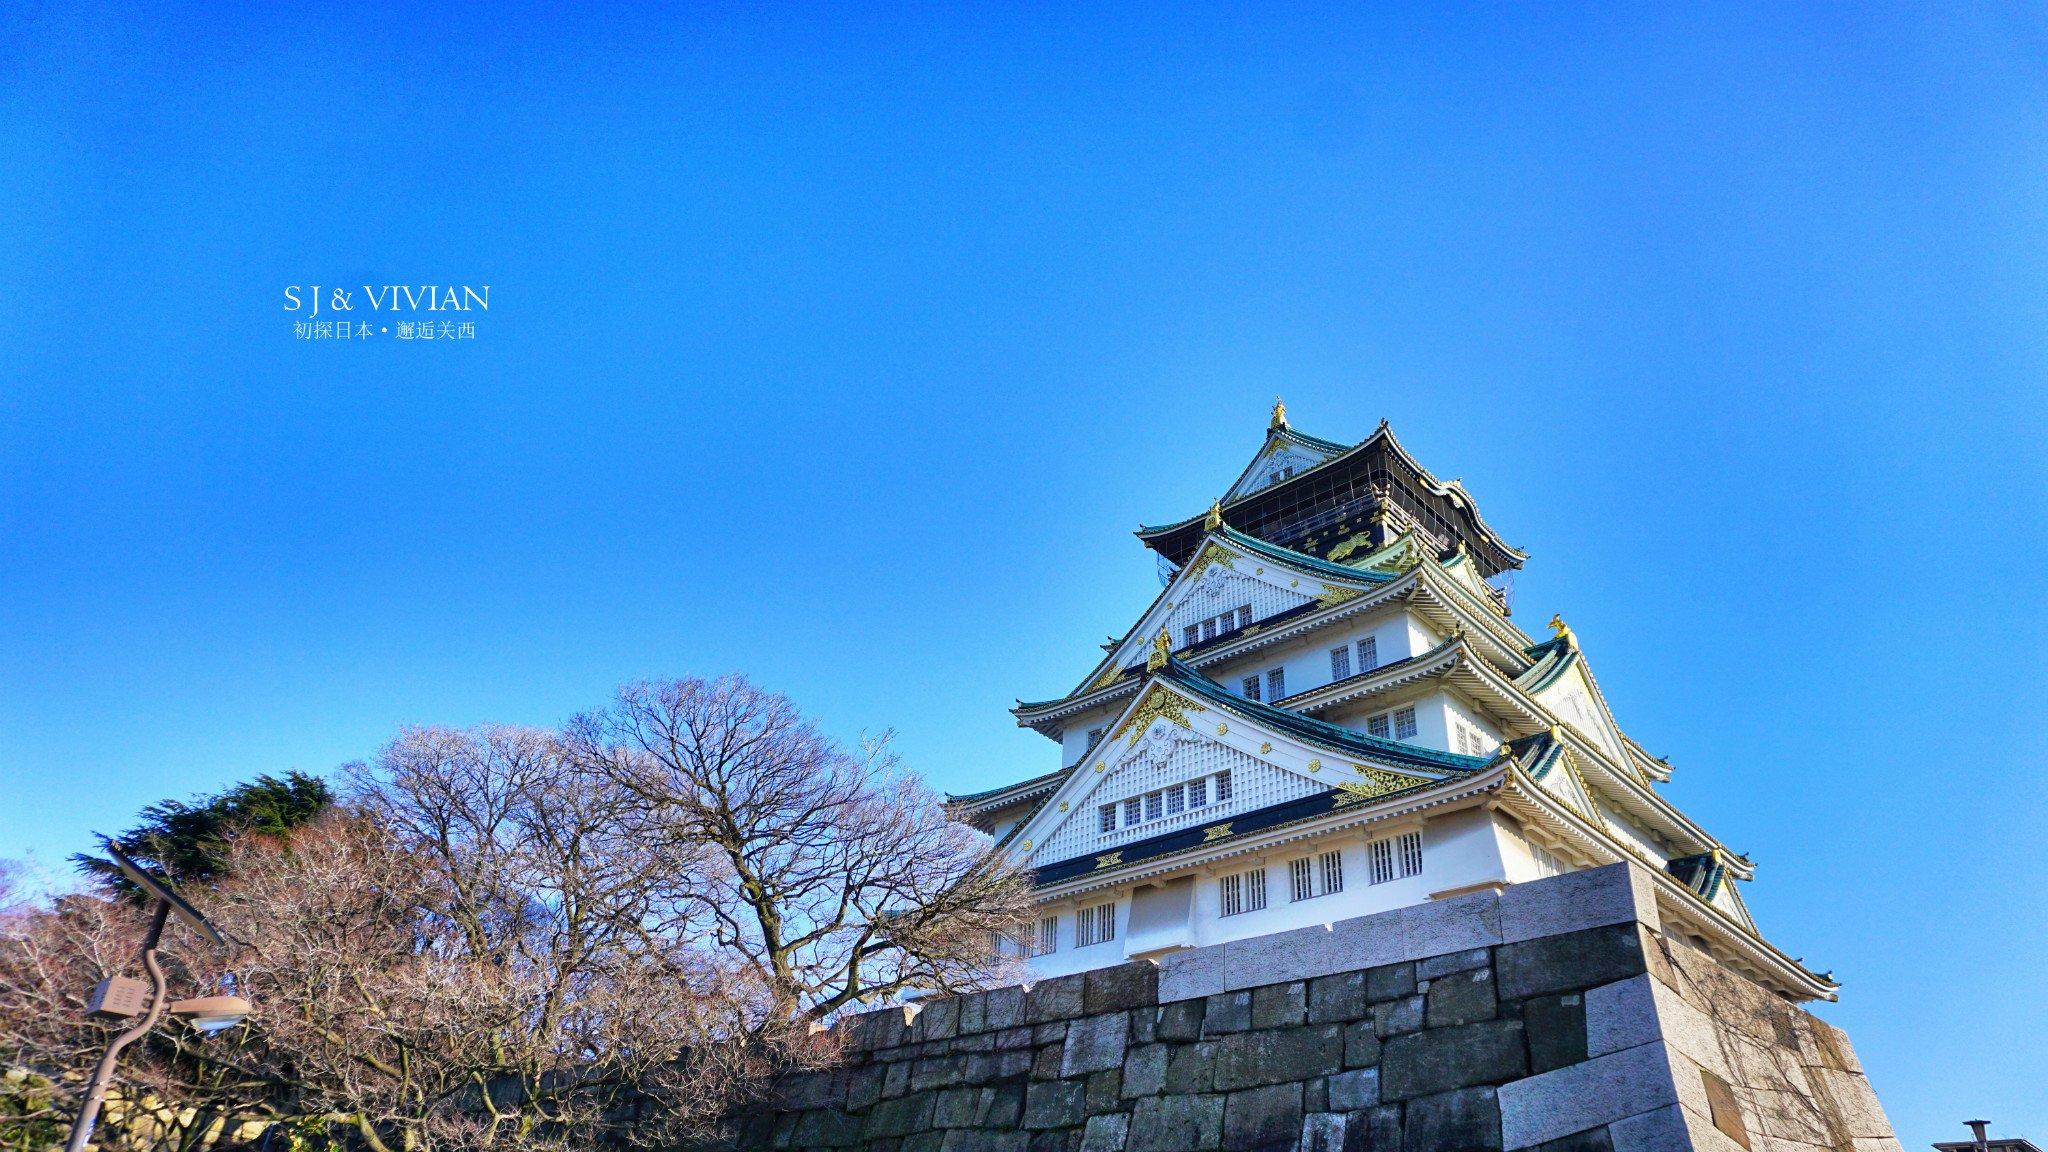 2019大阪城攻略游玩攻略,和长沙为数不多的赏日本一日游公园小红书图片